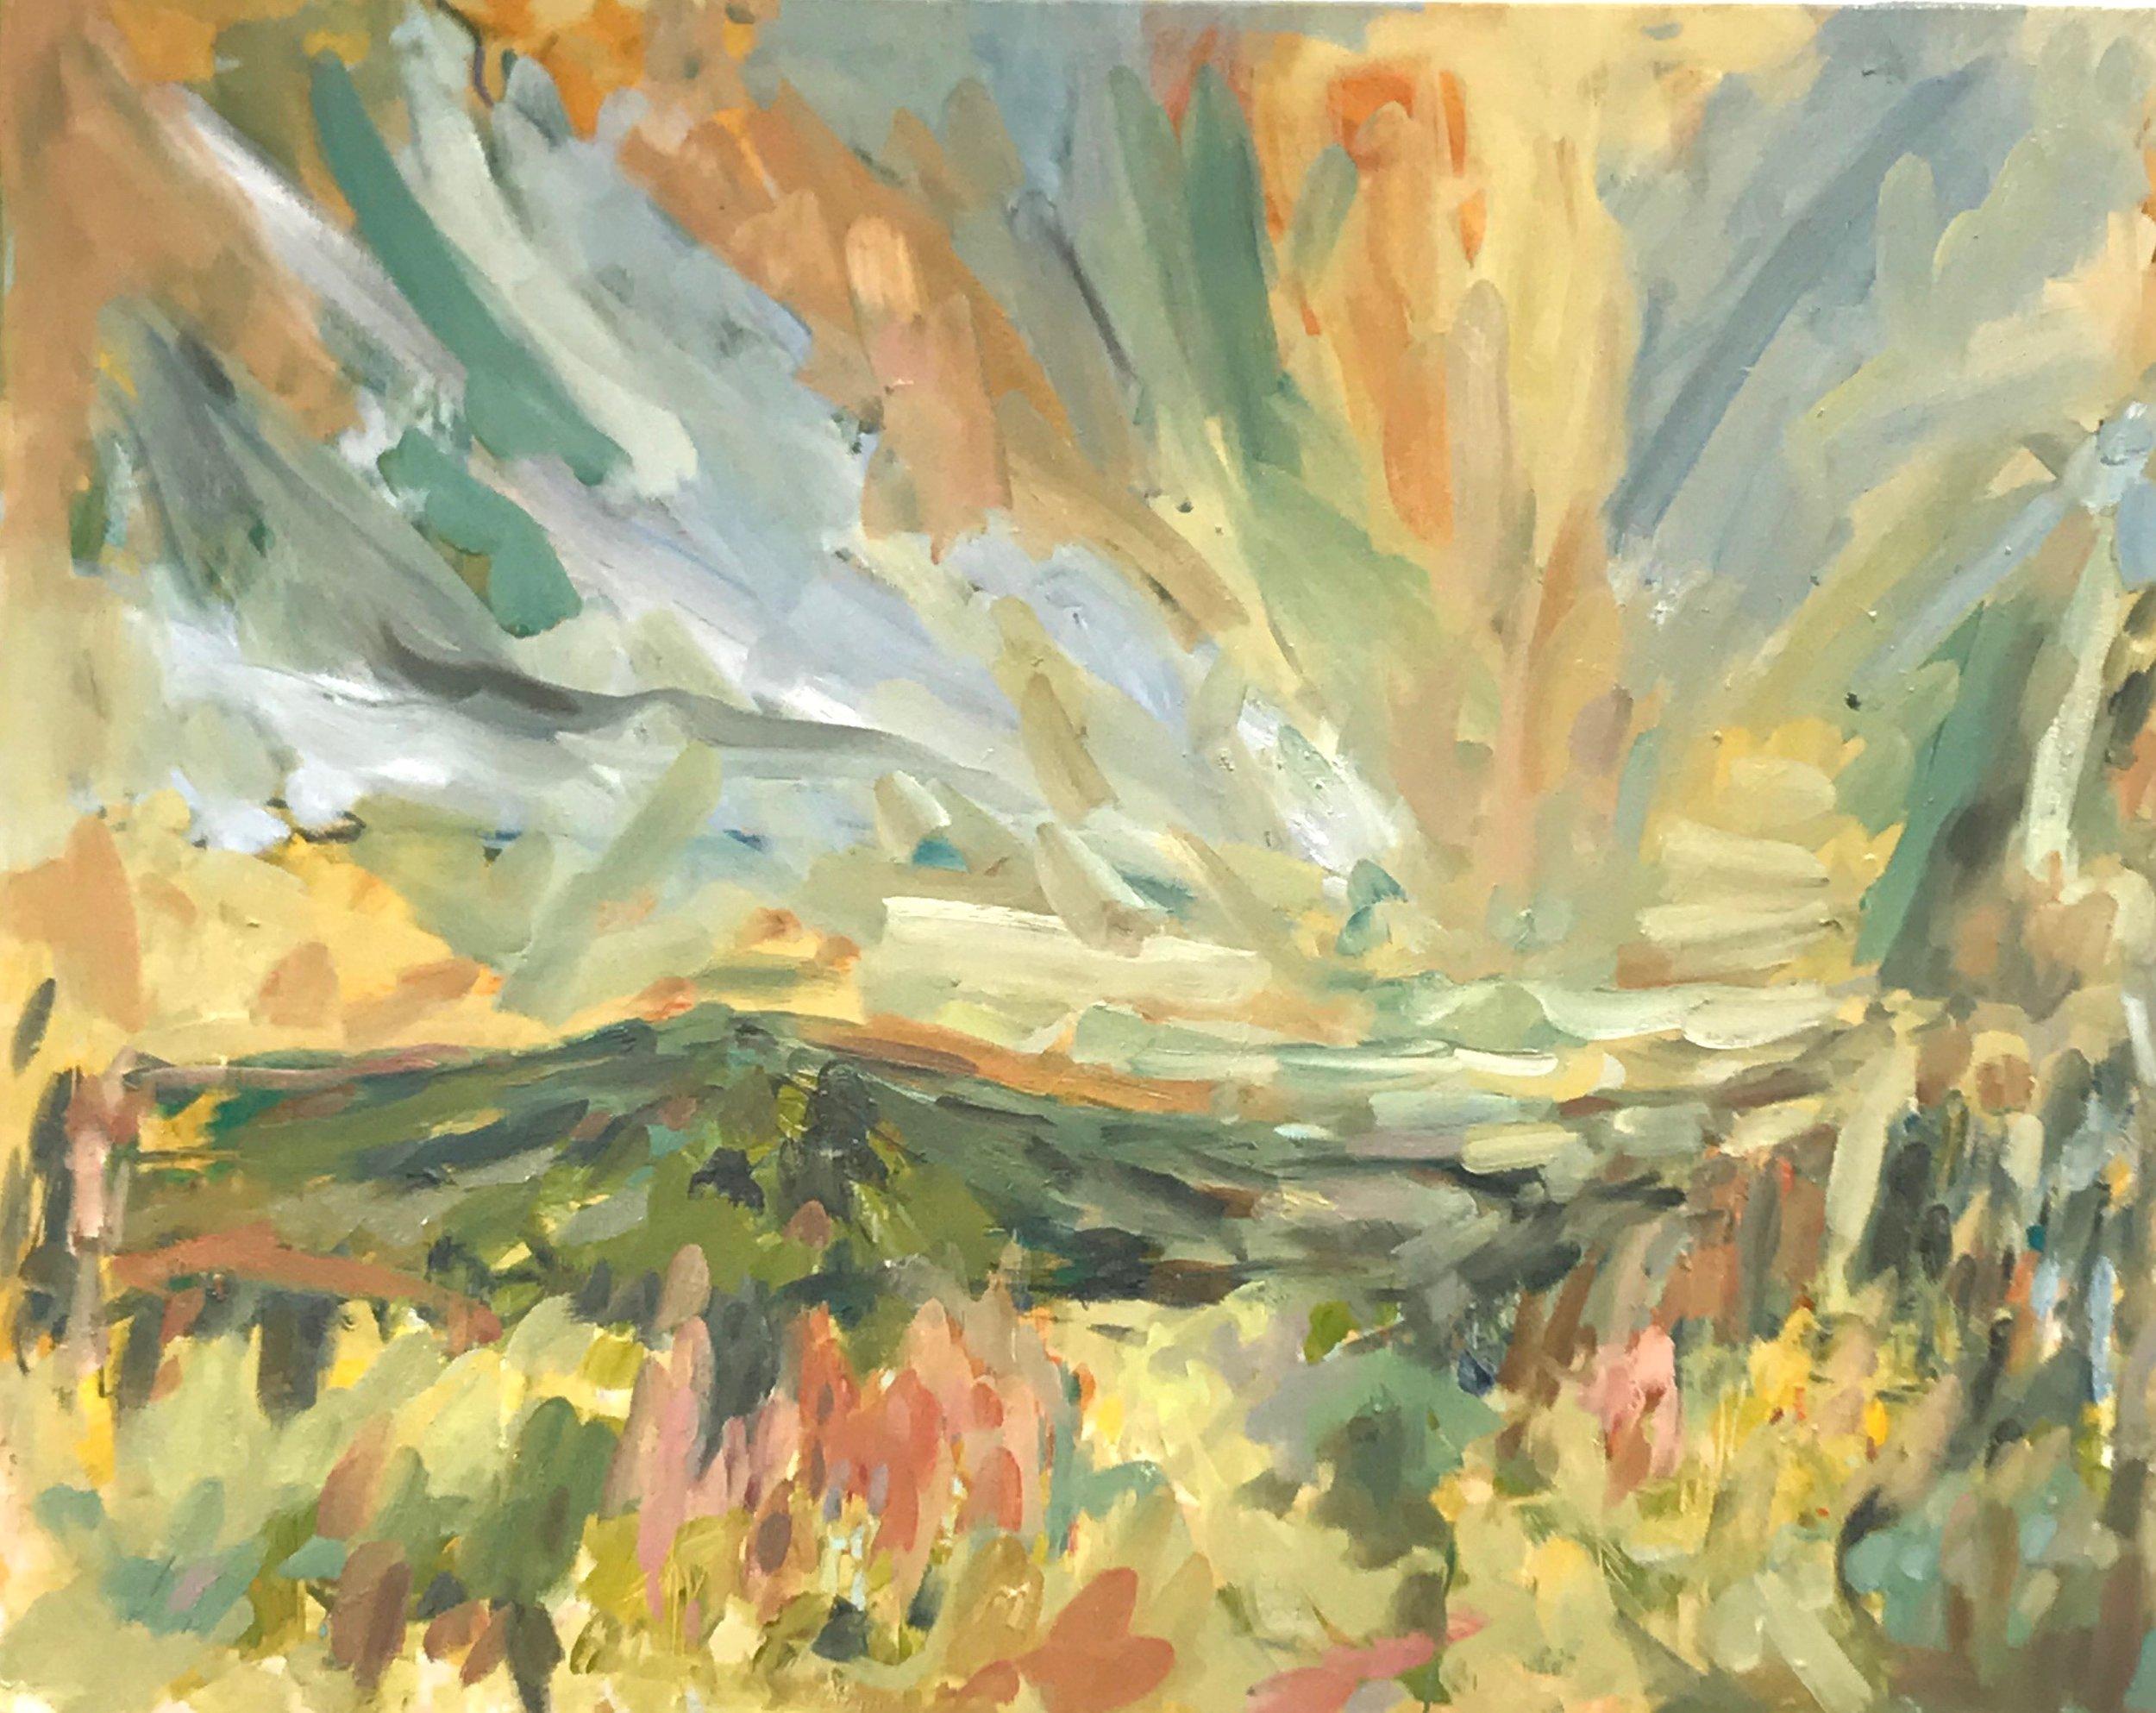 Memories of Deloraine I, 80x120cm oil on canvas